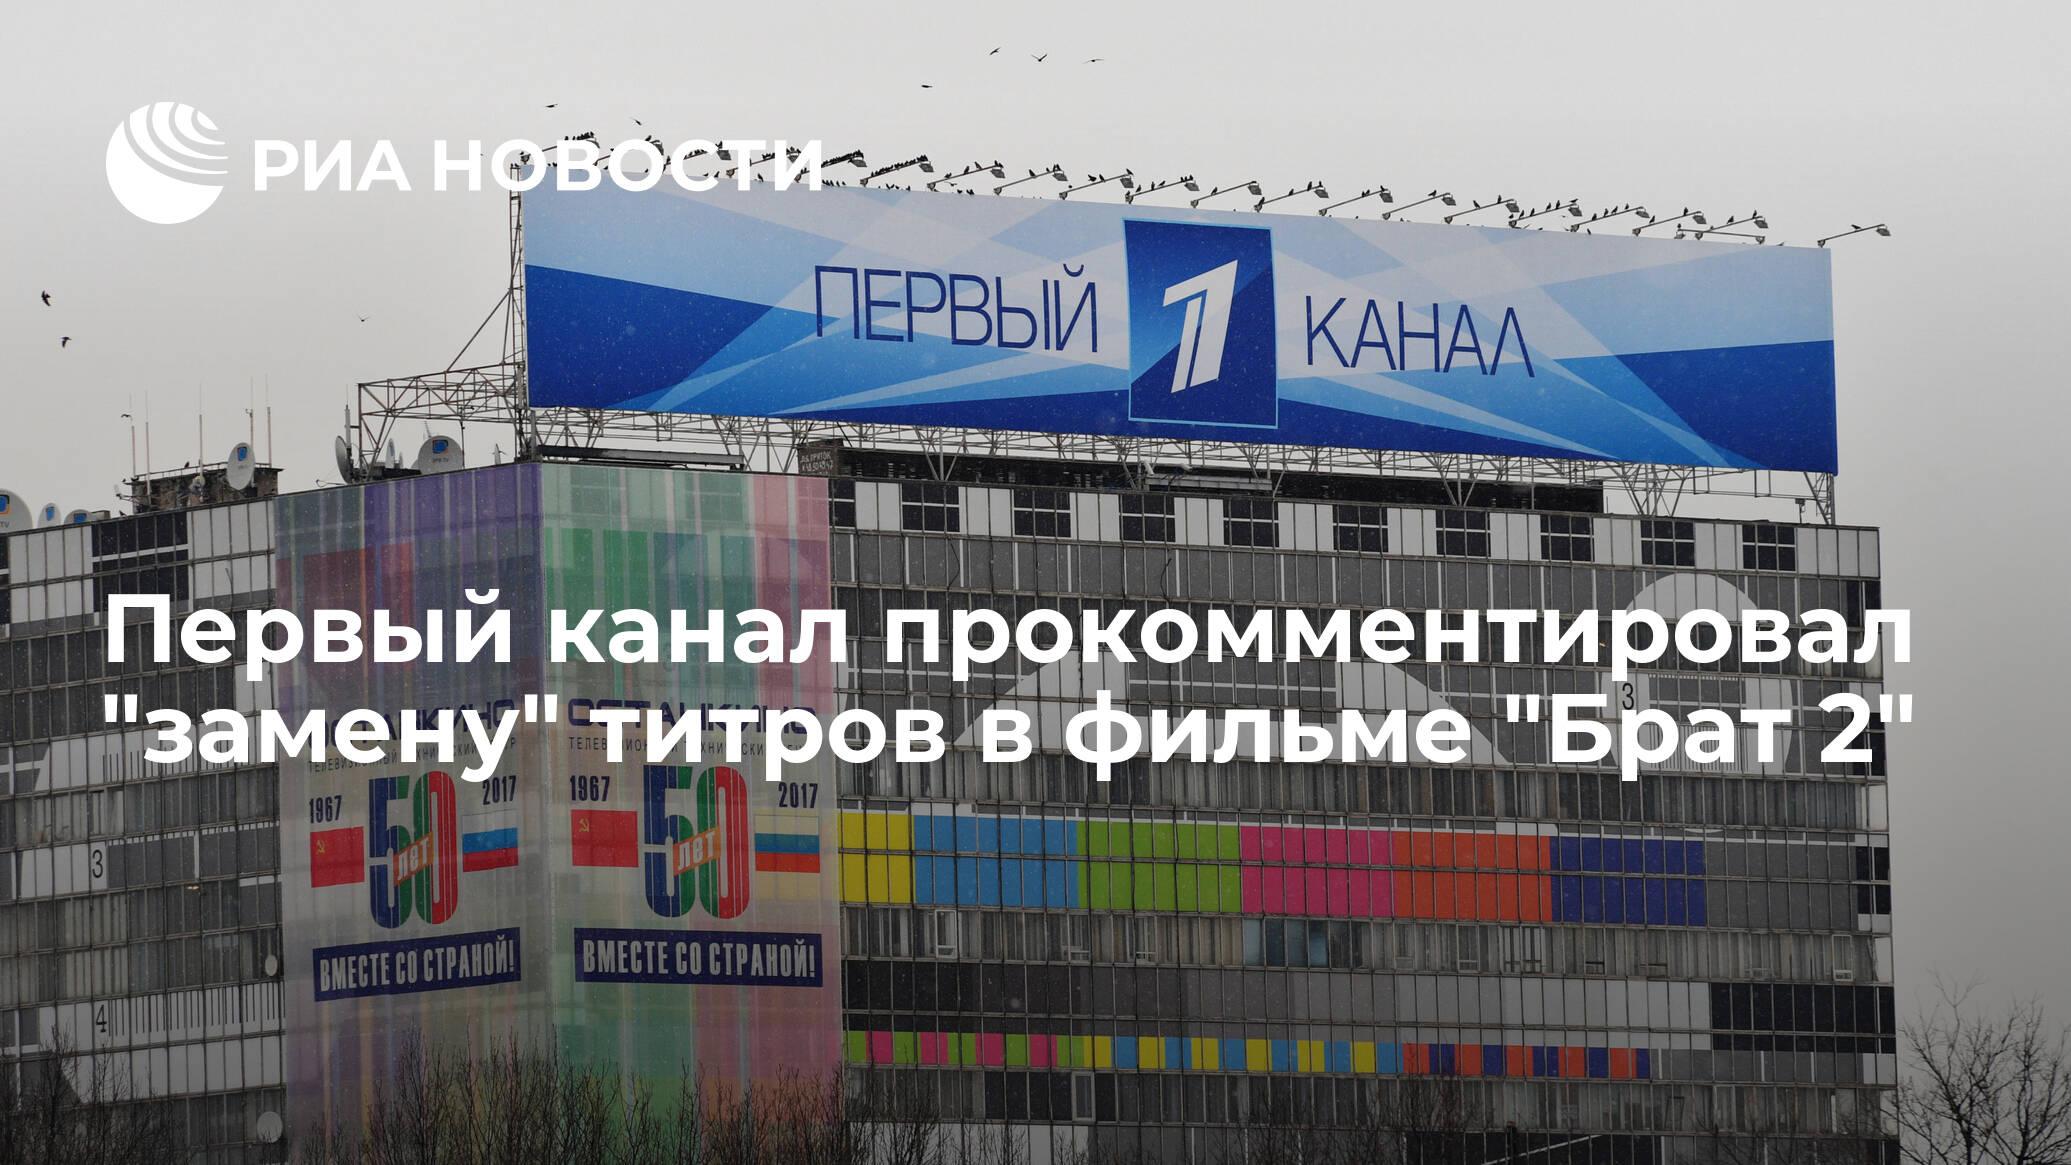 Первый канал прокомментировал 'замену' титров в фильме 'Брат 2' - РИА НОВОСТИ